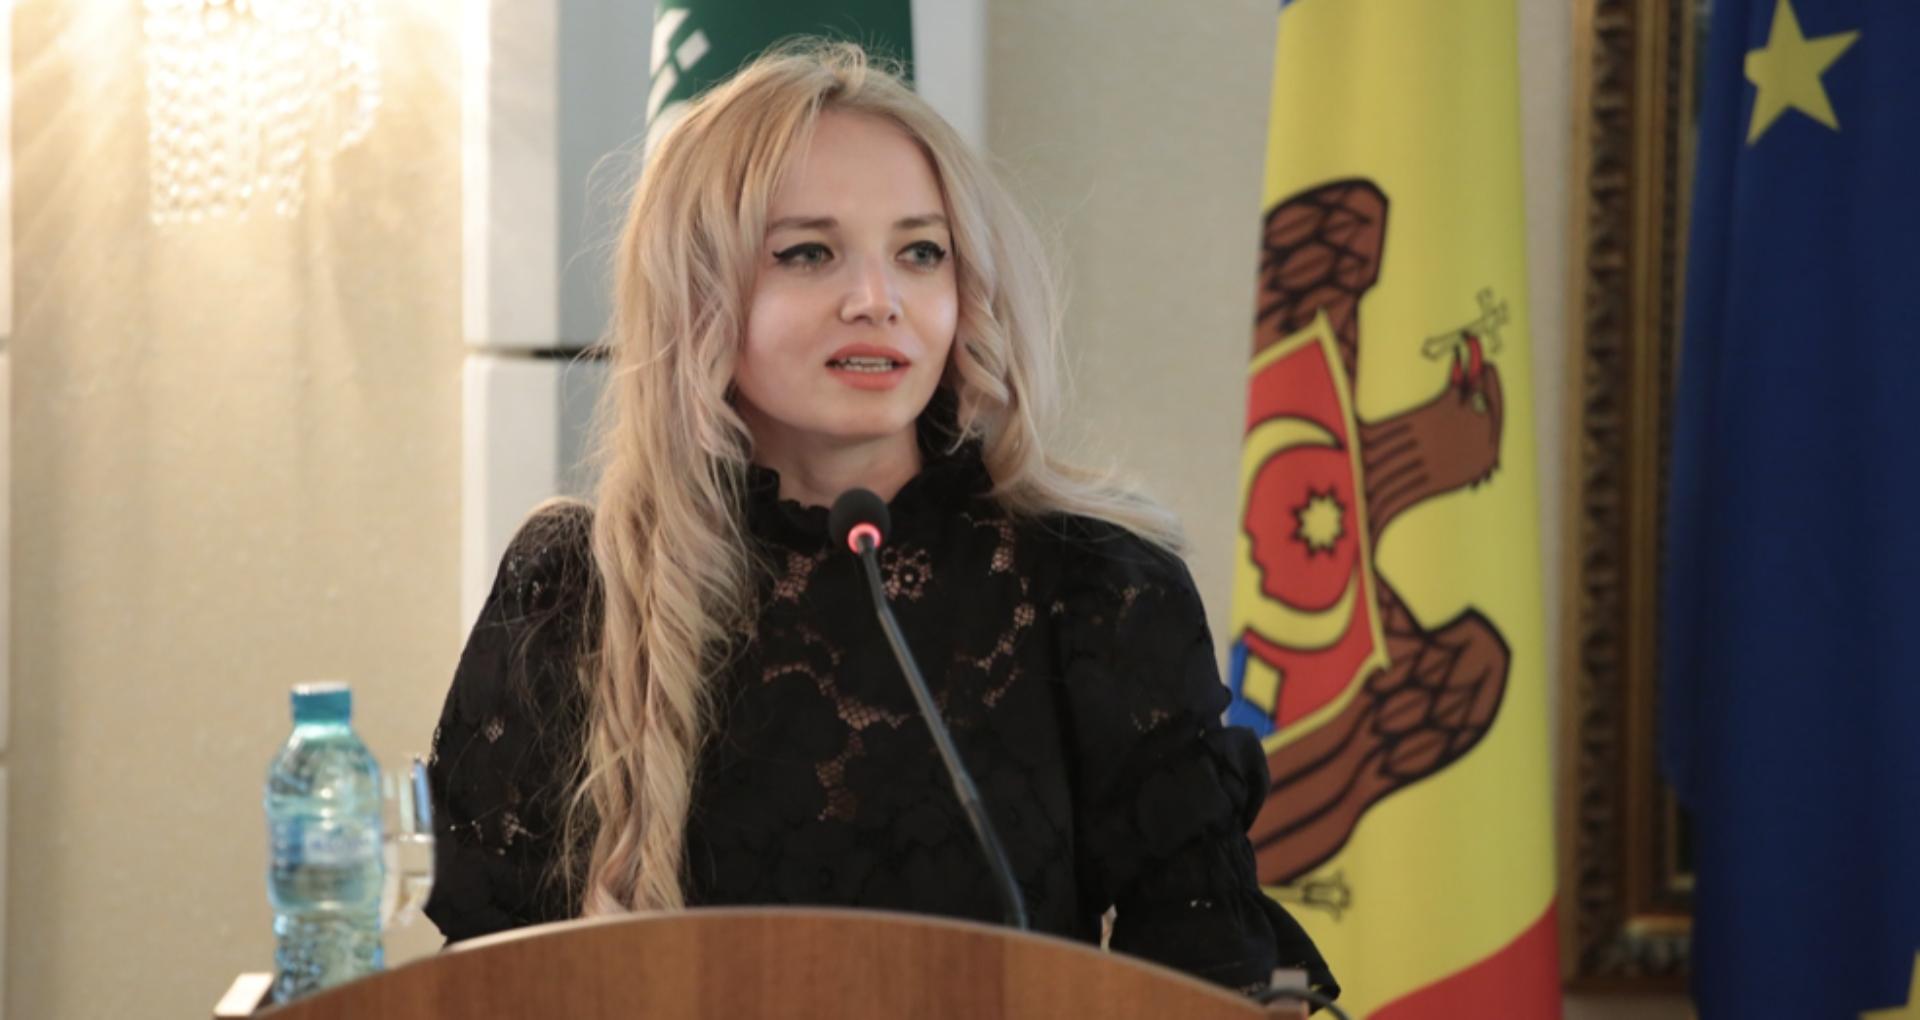 """Președinta Organizației de Femei a PLDM renunță la funcție și părăsește partidul: """"Aflarea mea în continuare în PLDM ar însemna periclitarea convingerilor mele de conlucrare transparentă și corectă"""""""